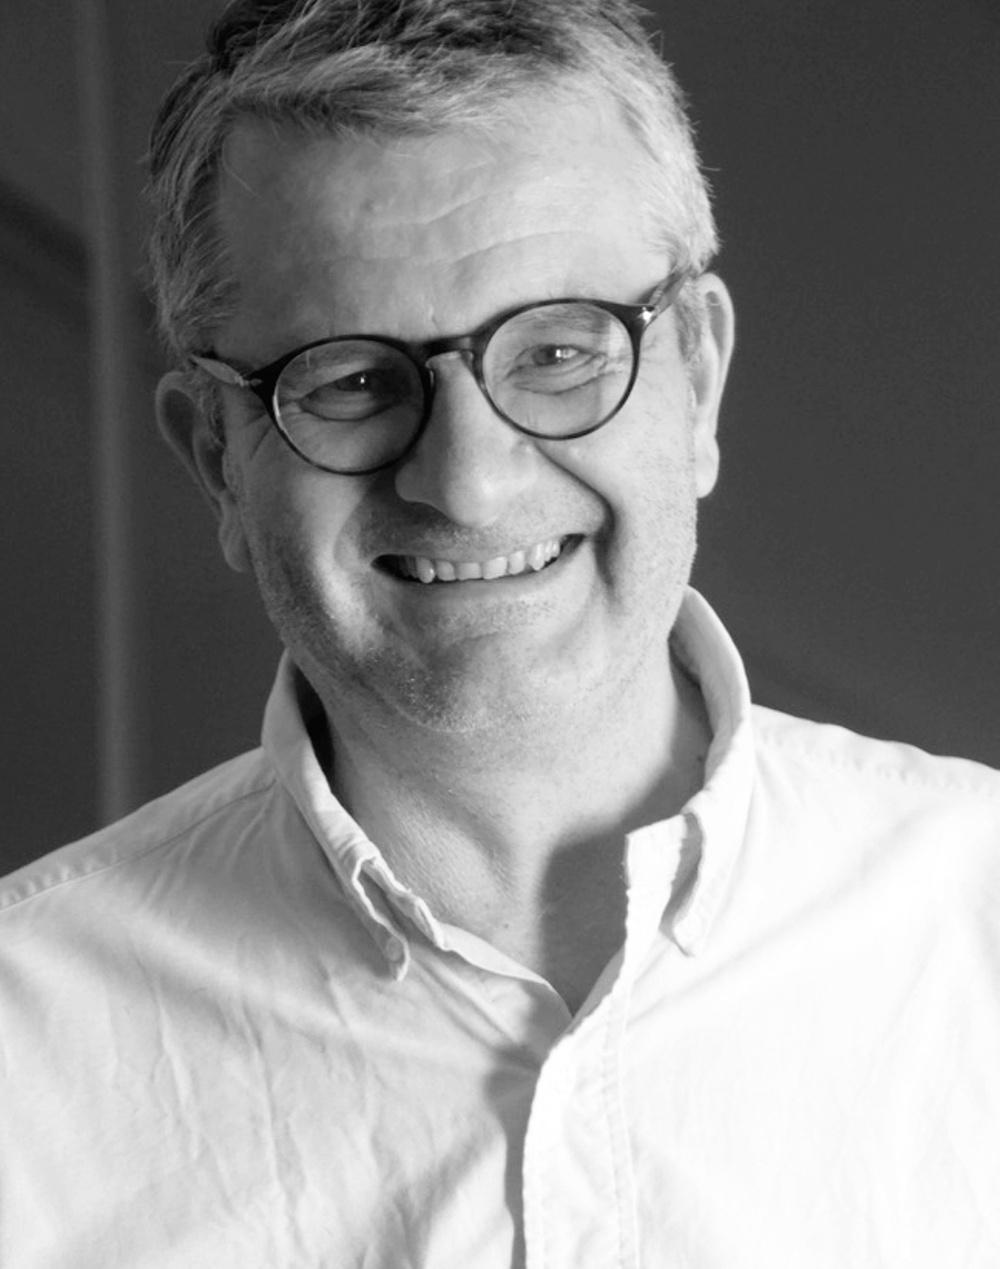 Författarporträtt: Micke Sjöblom